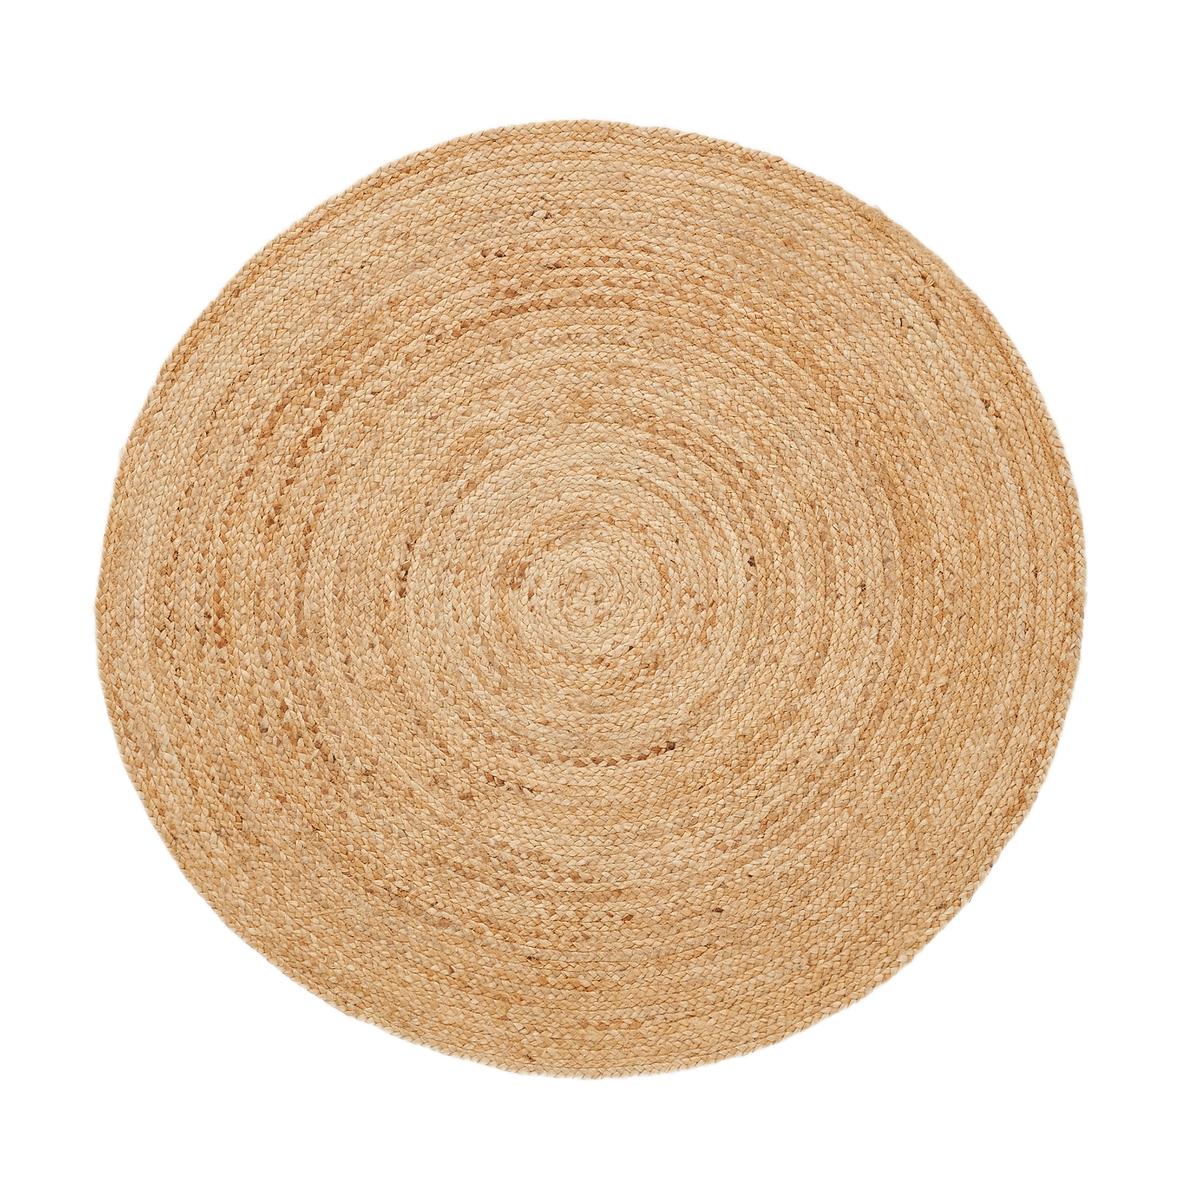 Ковер джутовый Aftas, диам. 100 см, цвет: натуральный, Aftas